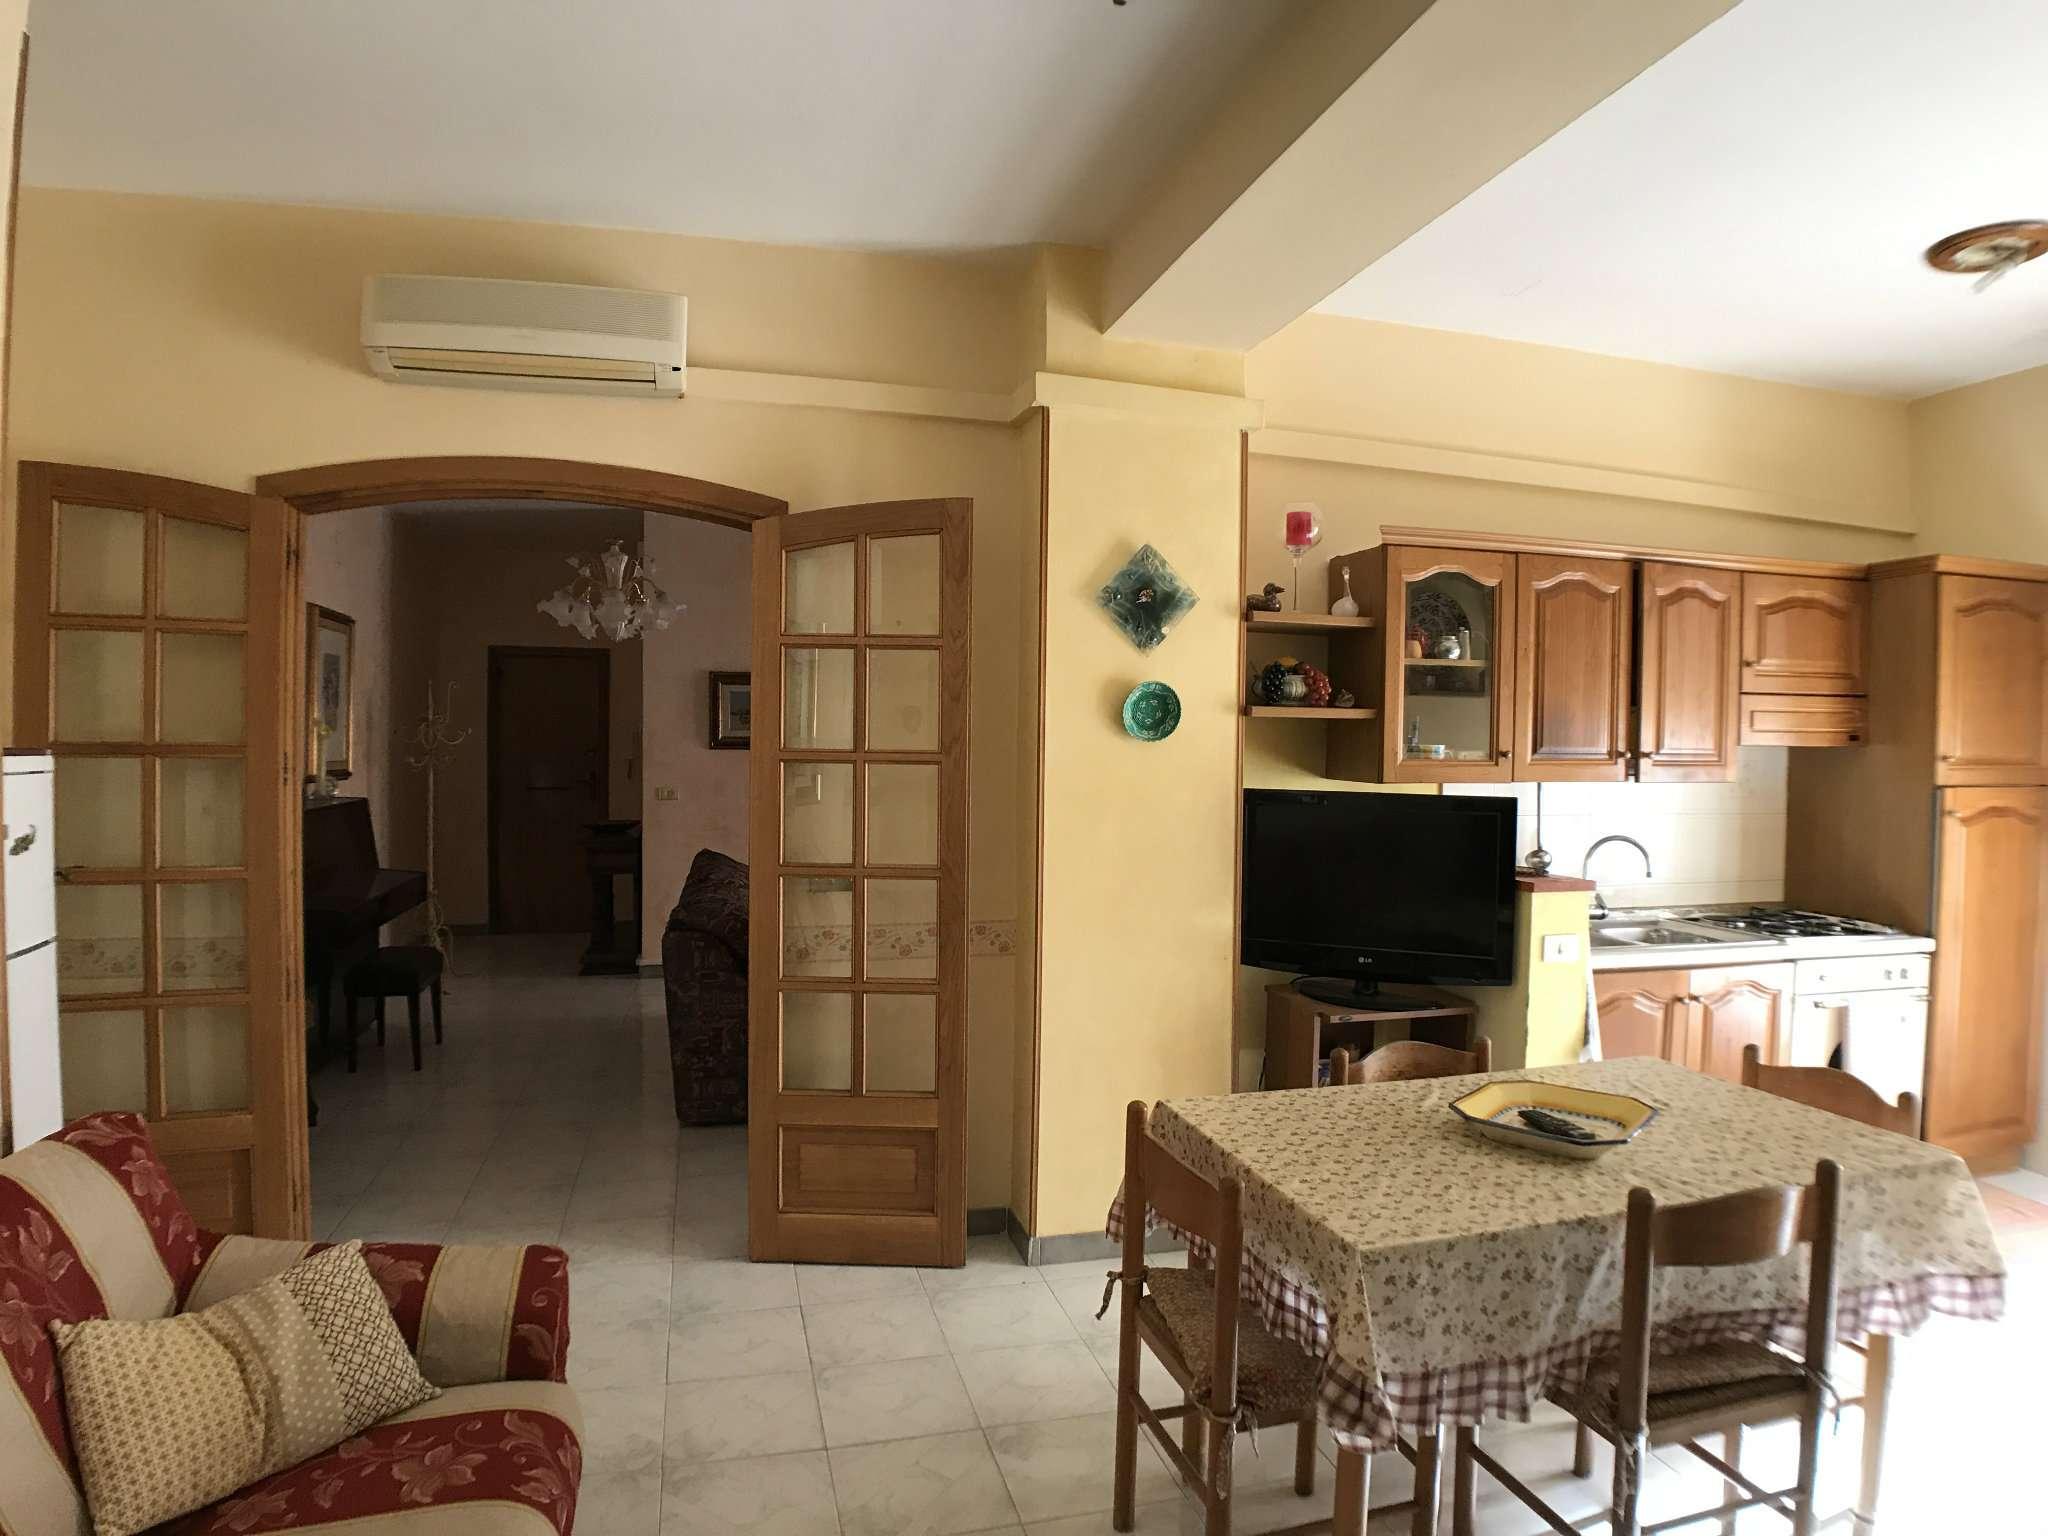 Appartamento in affitto a Alghero, 4 locali, prezzo € 450 | CambioCasa.it